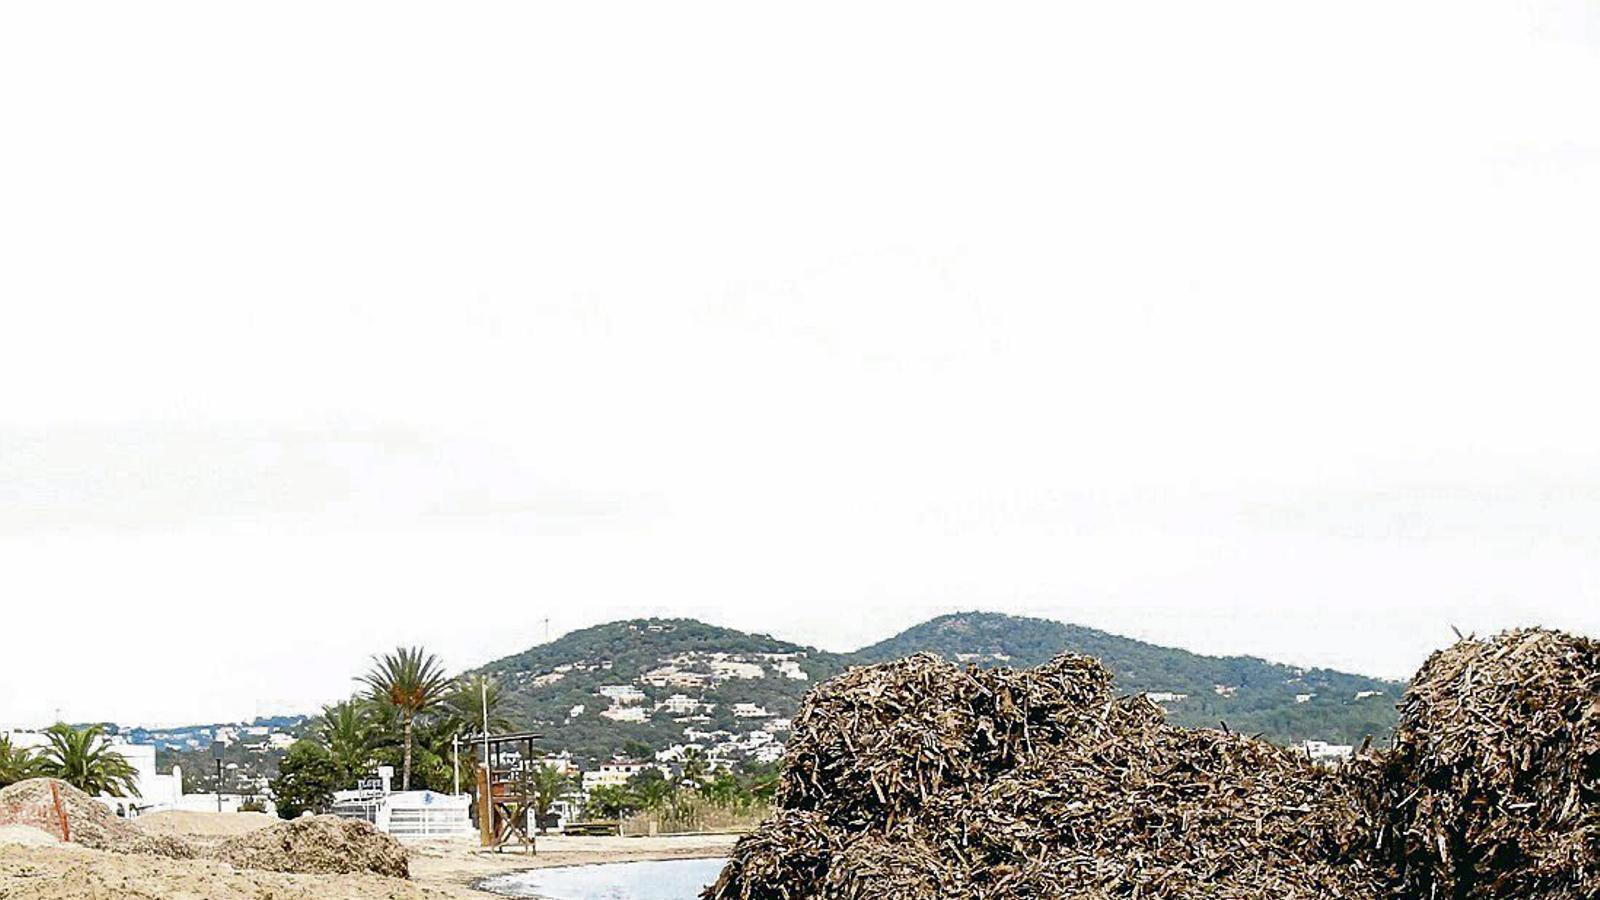 Les gestió de les fulles de posidònia caigudes és imprescindible per garantir el manteniment de l'arena de les platges.